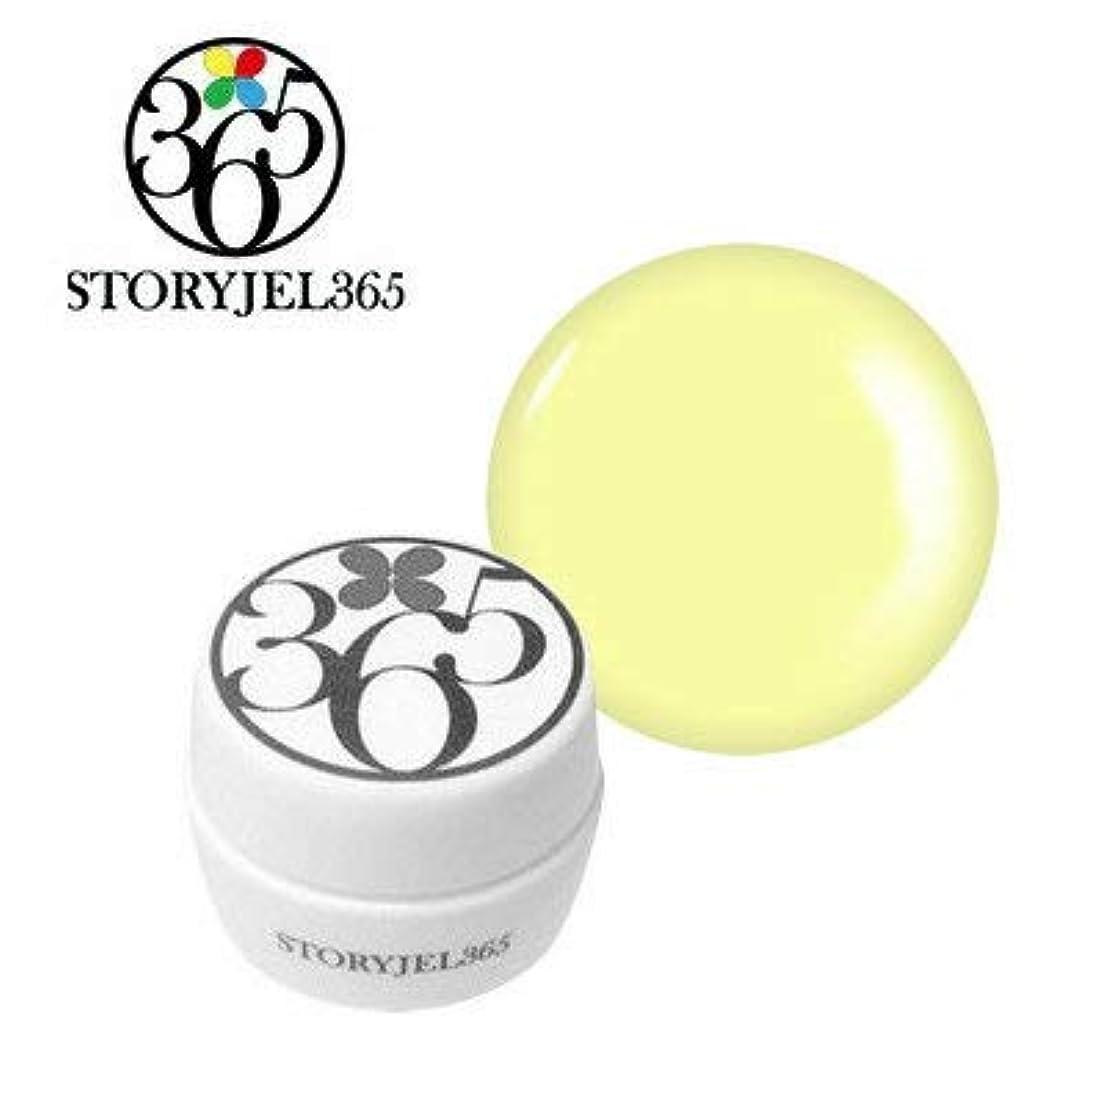 サークル十年ドナーSTORYJEL365 カラージェル 5g (ストーリージェル) SJS-303M-D シトロンクリーム